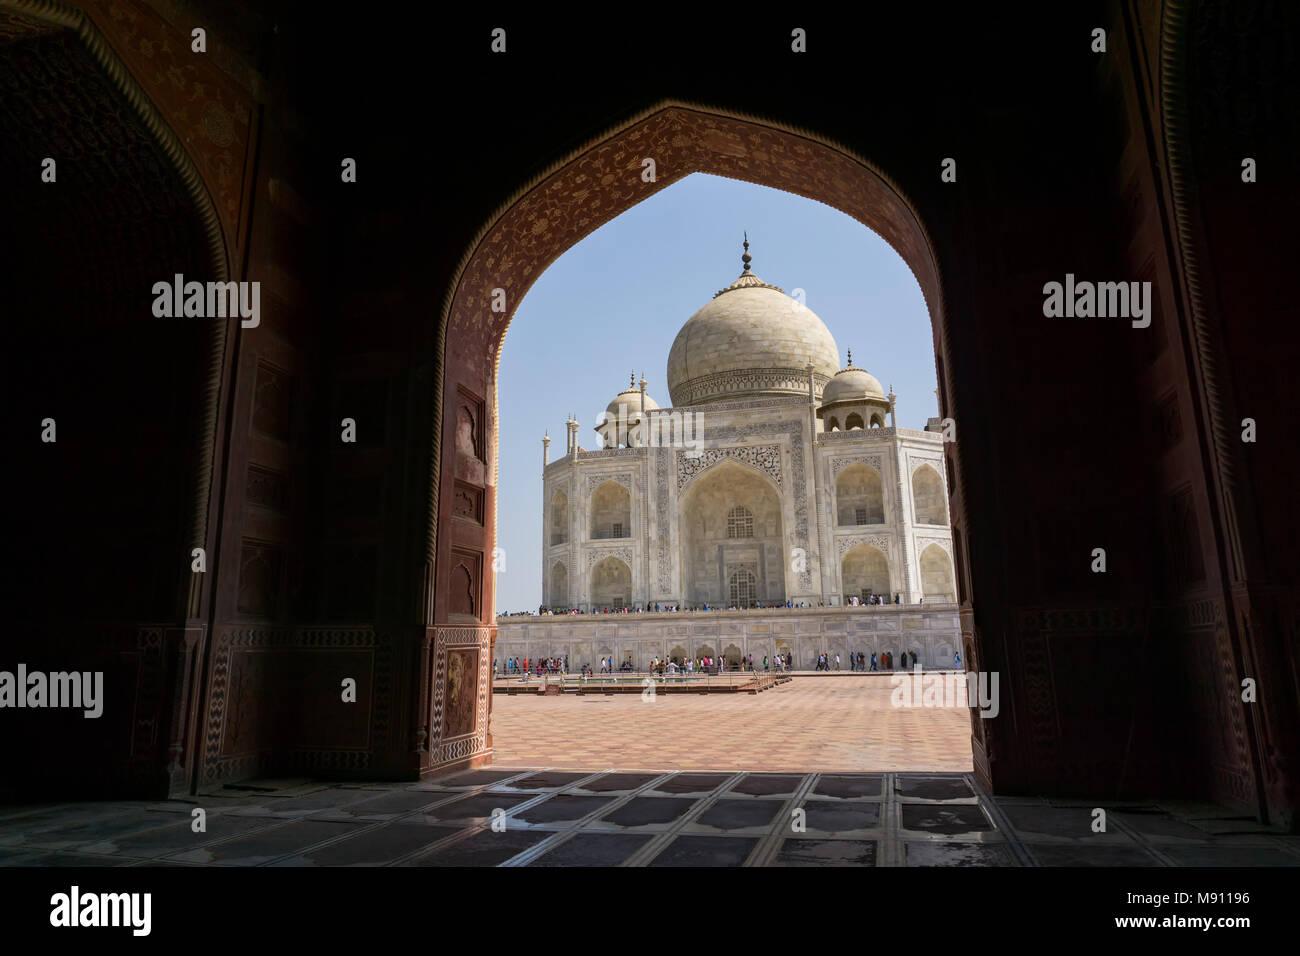 Vista del Taj Mahal di Agra, Uttar Pradesh, India. Si tratta di uno dei più visitati landmark in India. Immagini Stock